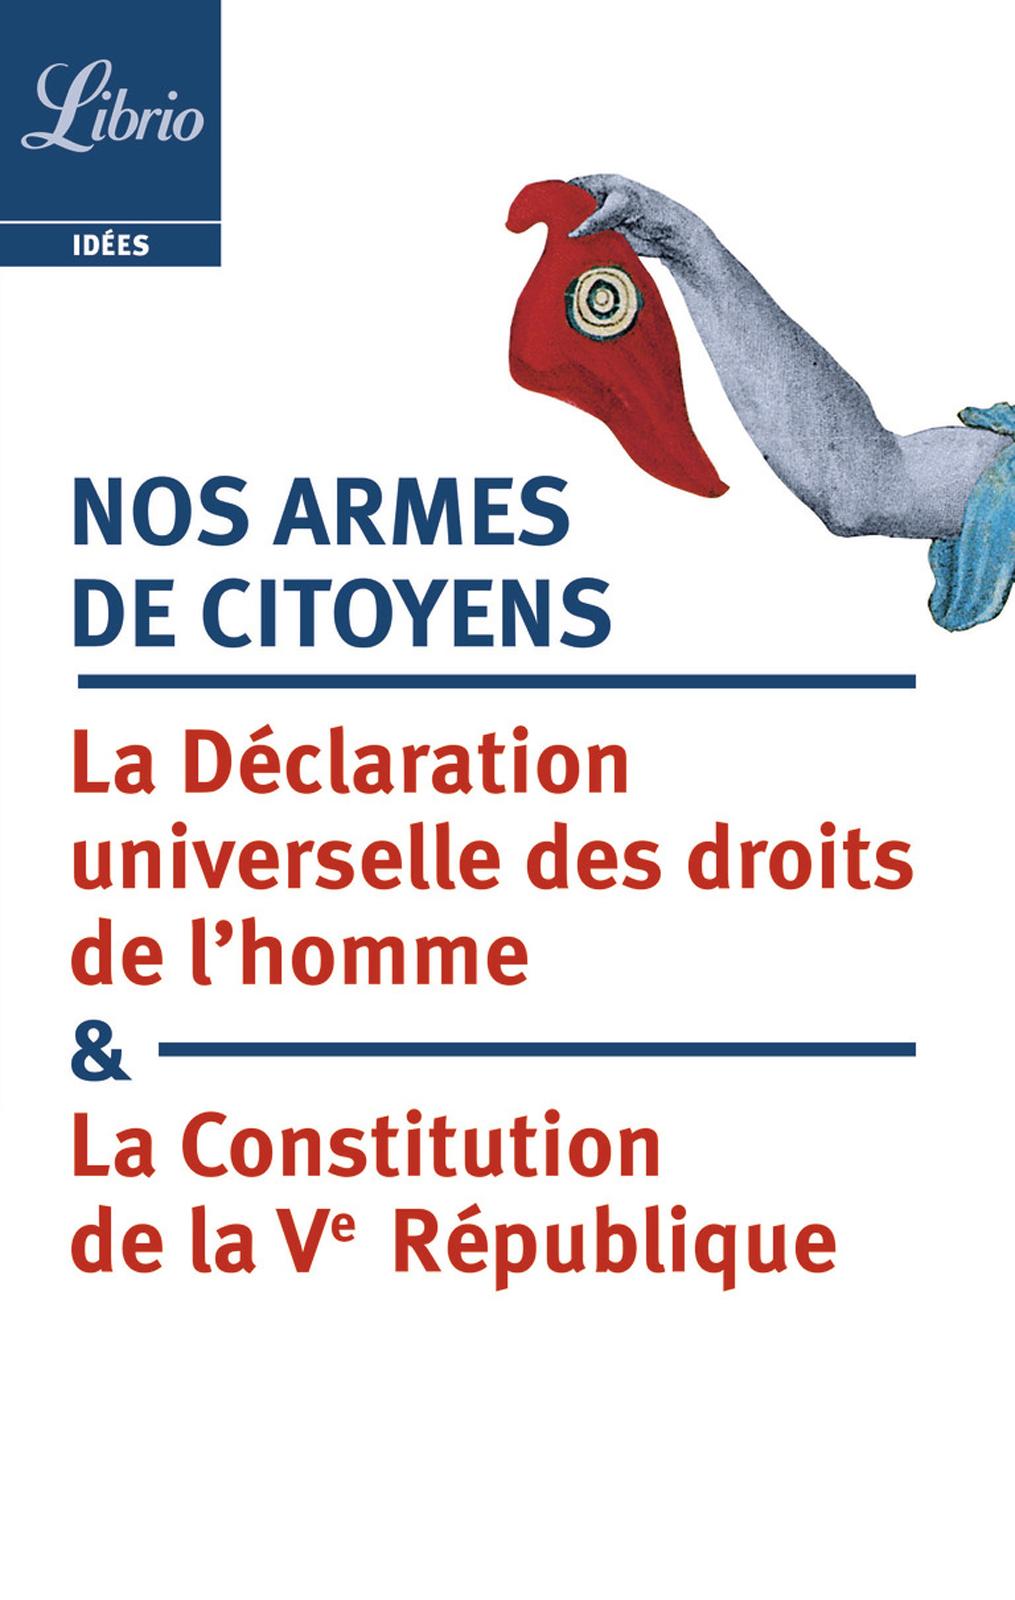 Nos armes de citoyens. La Constitution de la Ve République & la Déclaration universelle des droits d